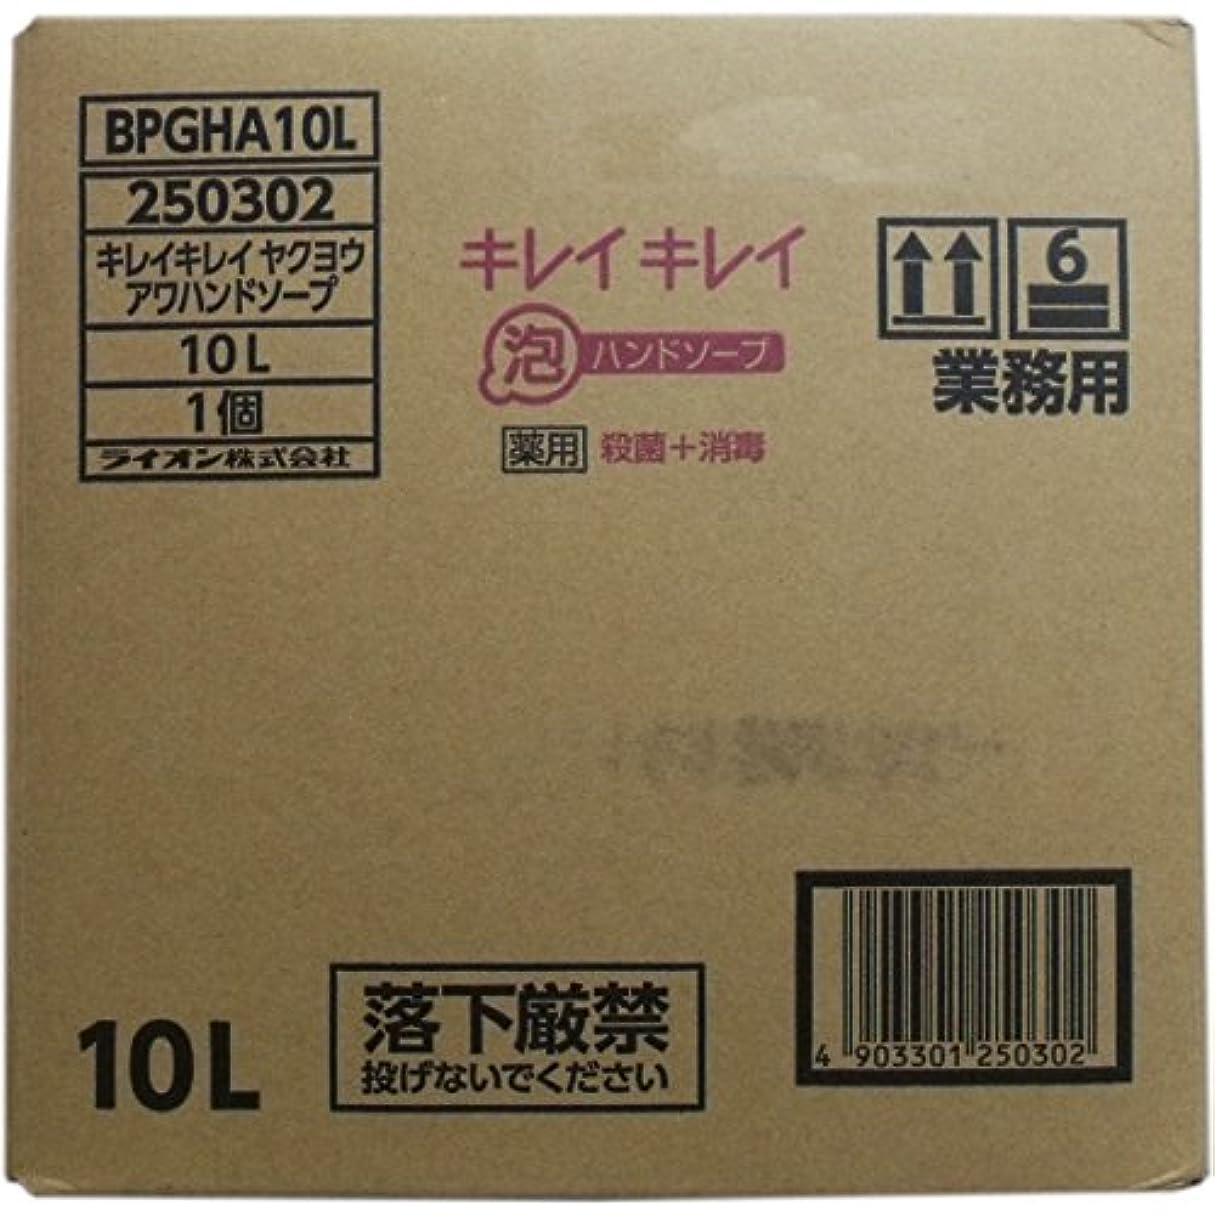 業務用キレイキレイ 薬用泡ハンドソープ 10L×10個セット